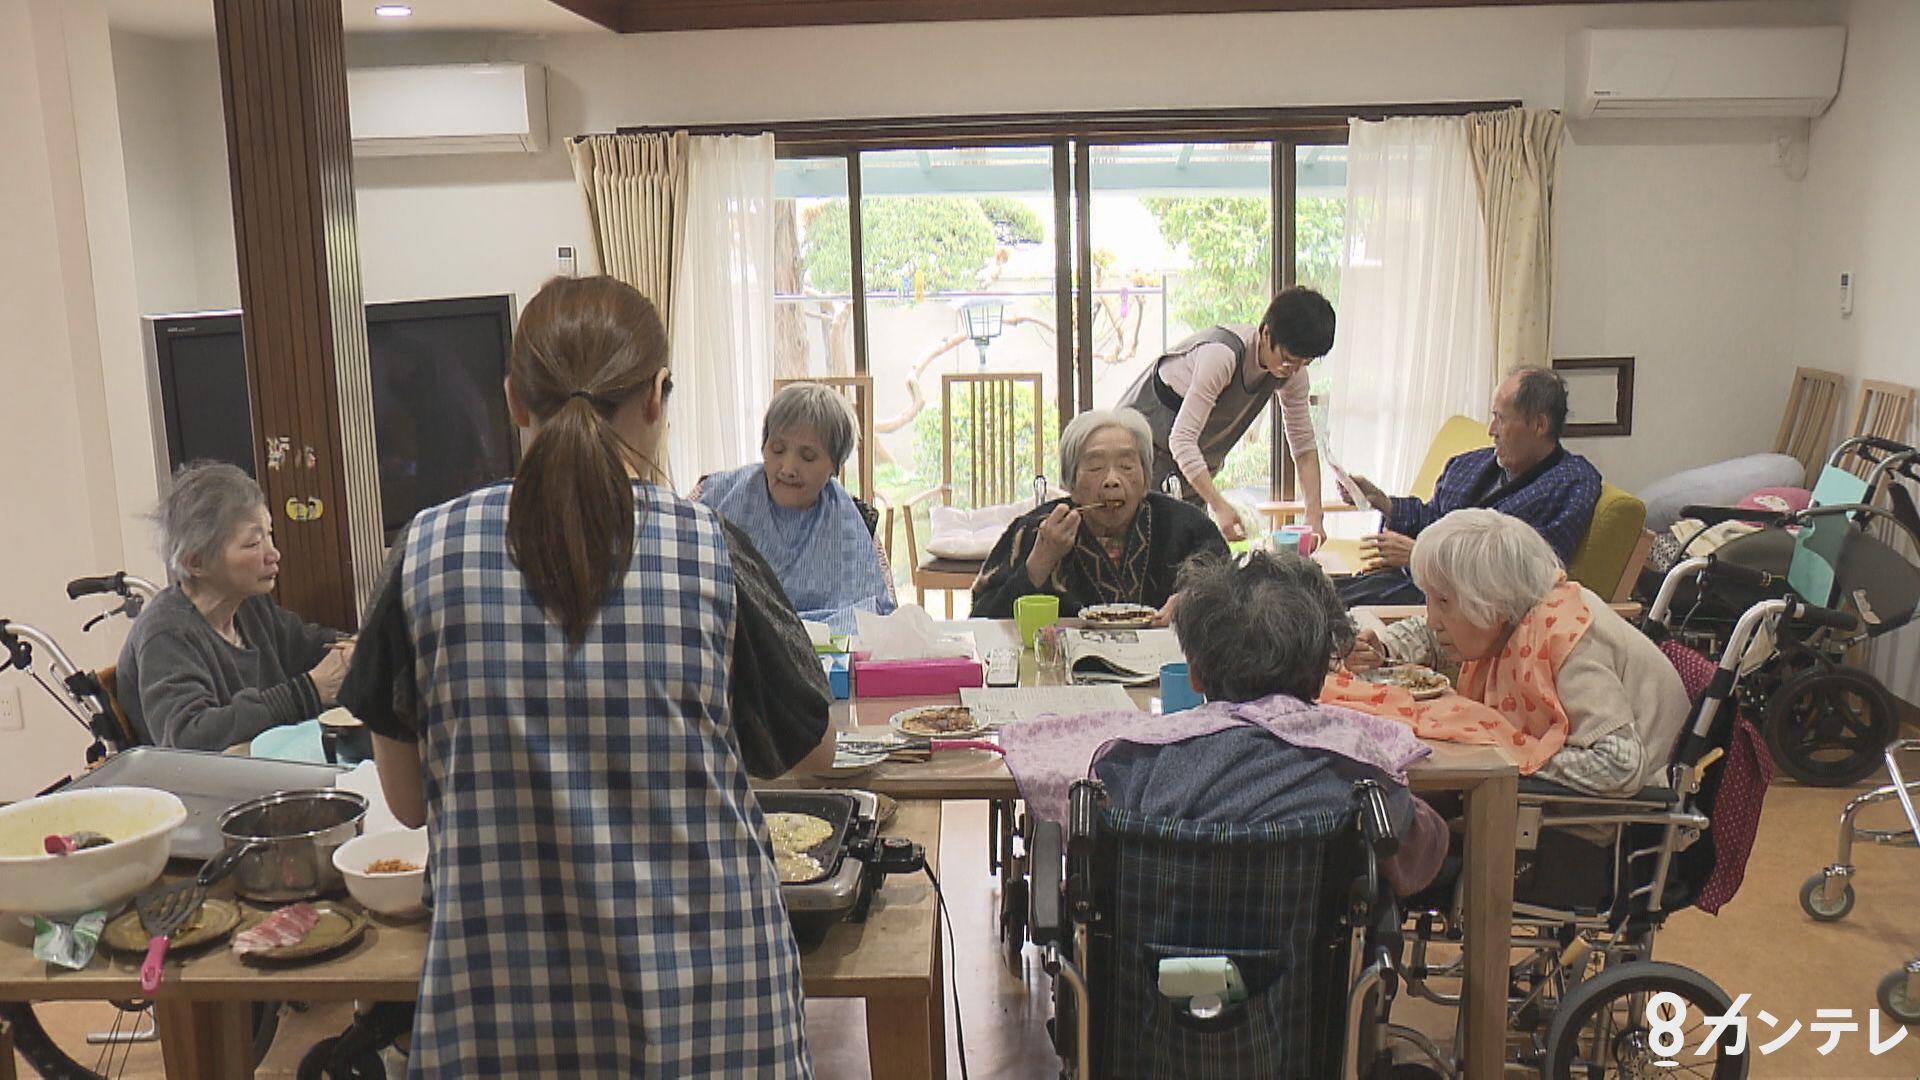 【特集】人生の最後まで「日常の暮らし」を大切にしたい…神戸のホームホスピス『なごみの家』